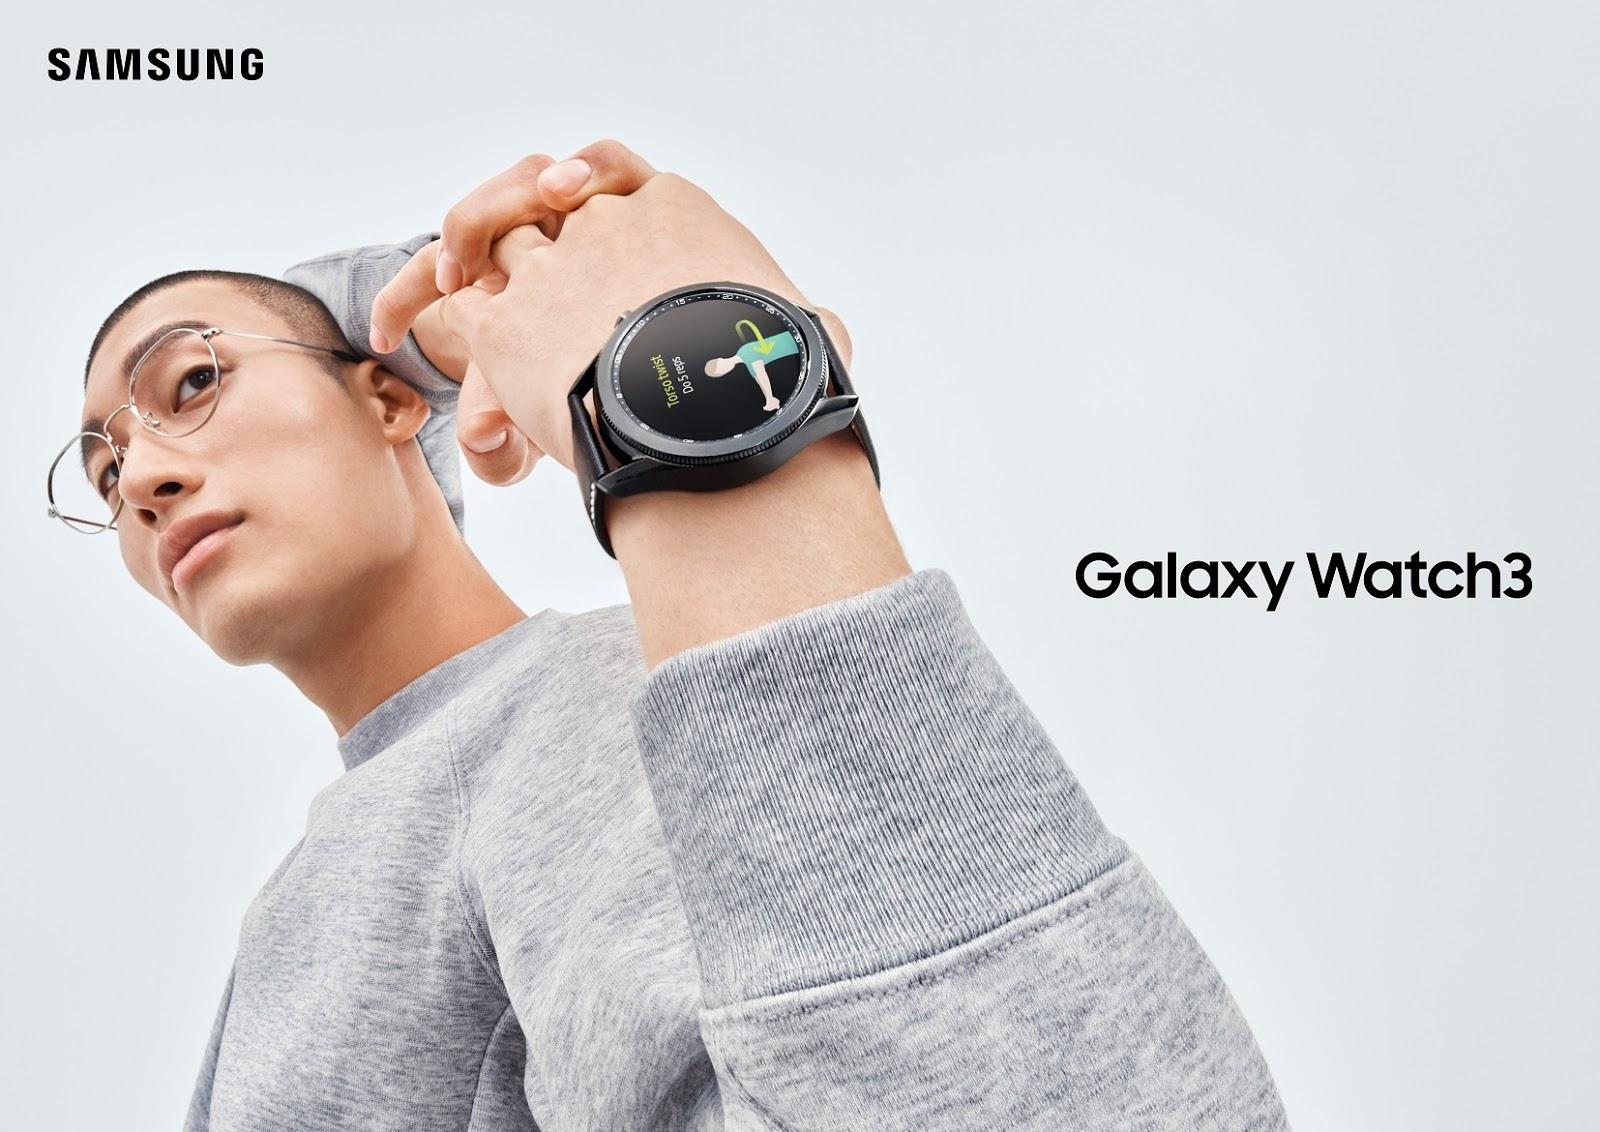 ดูแลสุขภาพได้ด้วยตัวเองผ่านข้อมือคุณ ด้วย Samsung Galaxy Watch 3 สมาร์ทวอทช์แฟลกชิปสุดล้ำที่มาพร้อมกับเทคโนโลยีด้านสุขภาพชั้นนำ